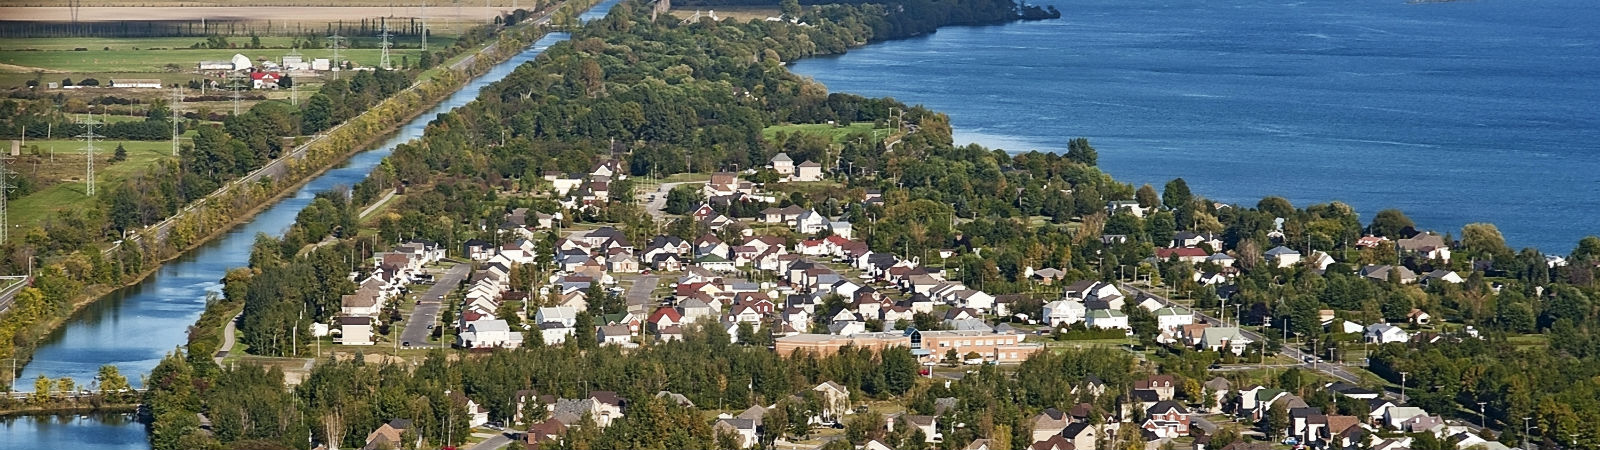 Société d'histoire de Coteau-du-Lac